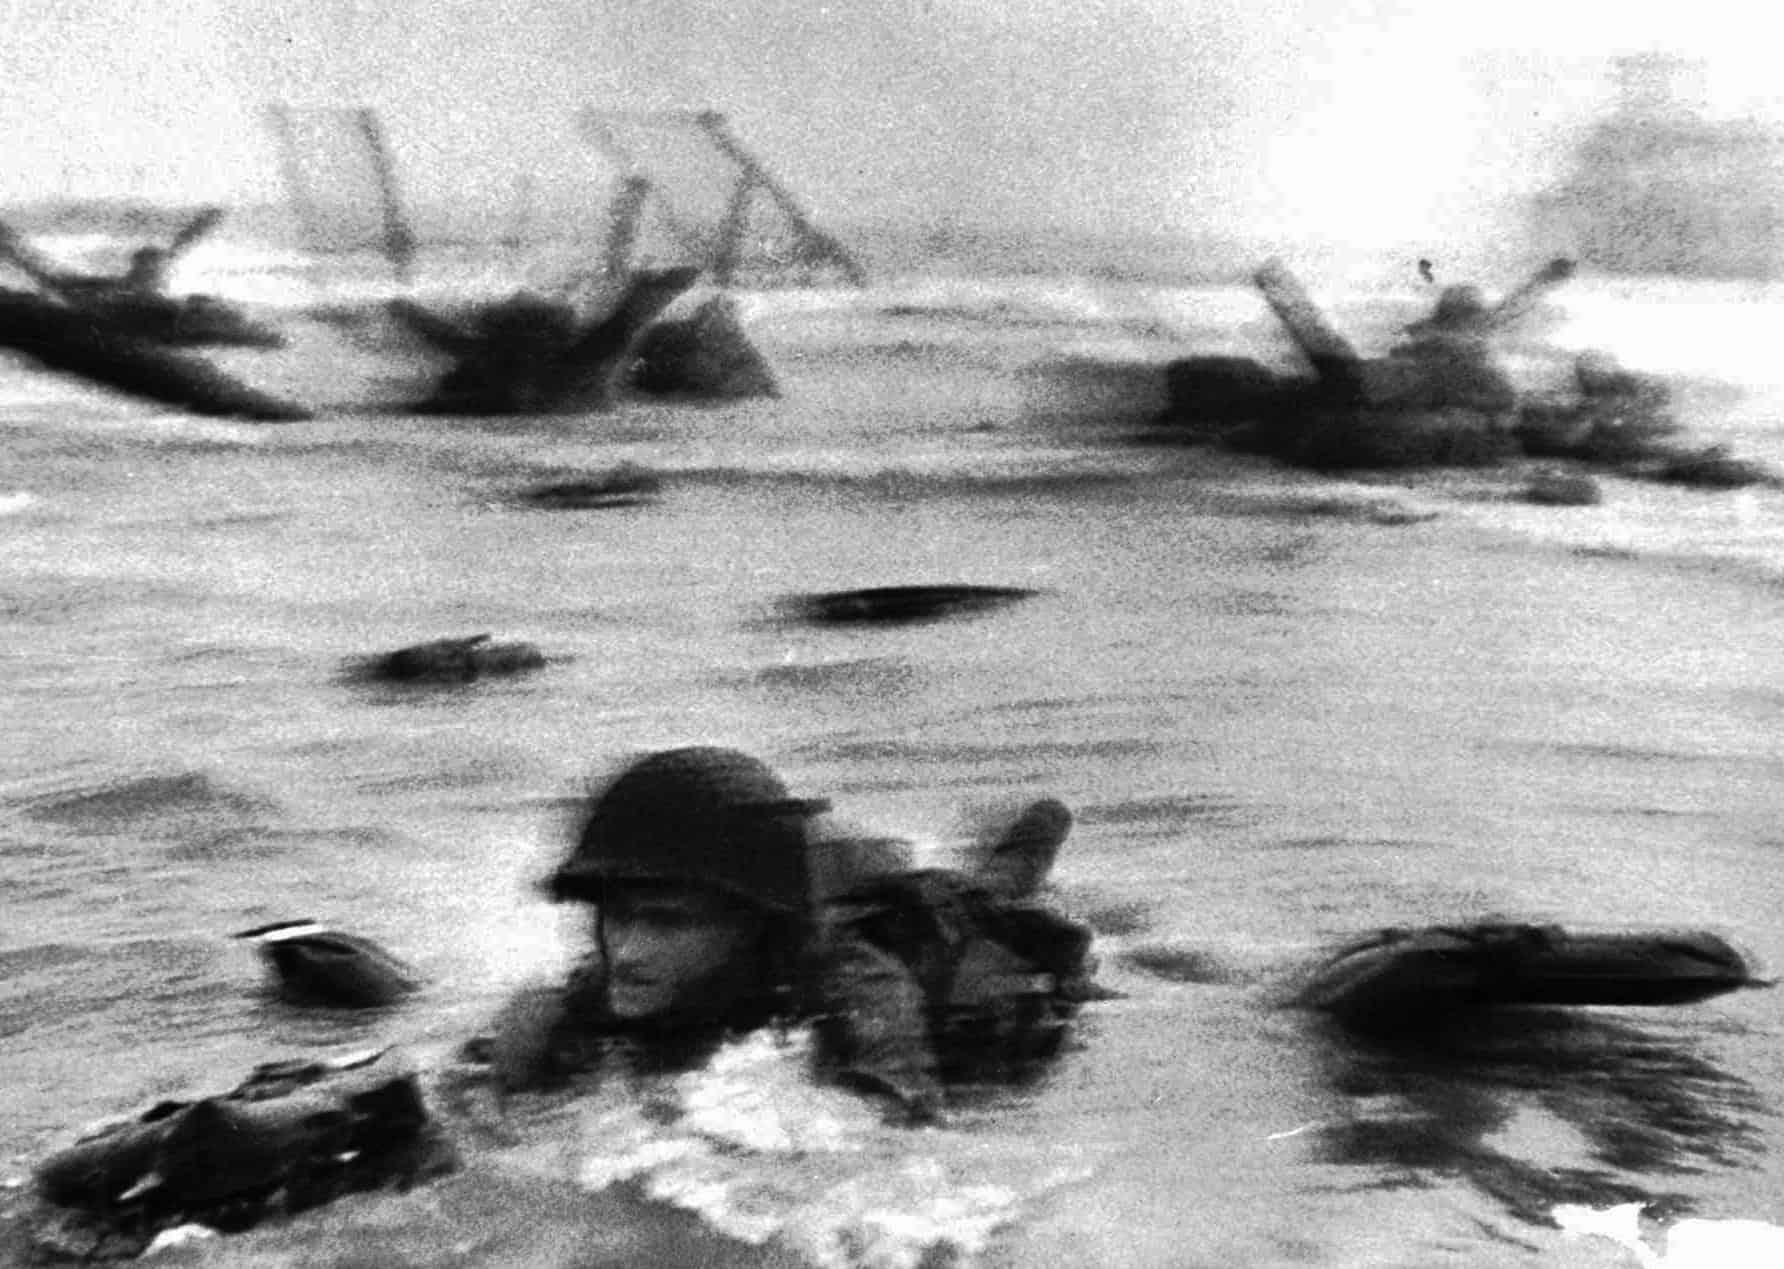 D-Day landings, 1944